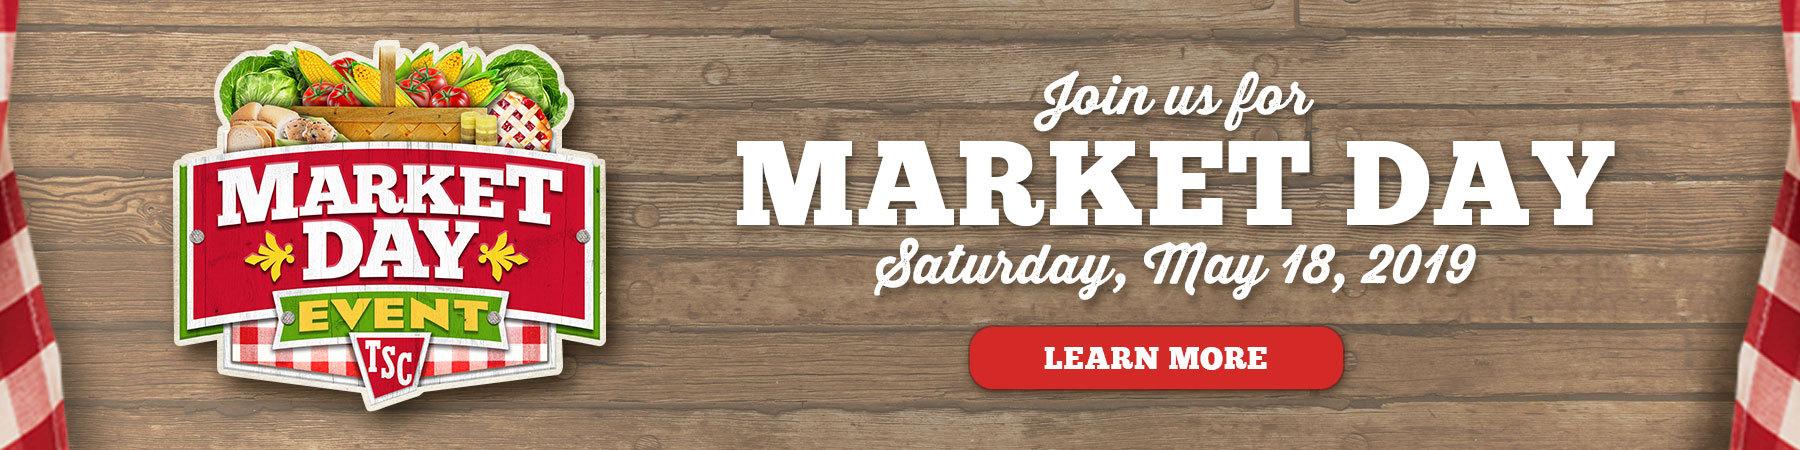 market-day-19-banner.jpg